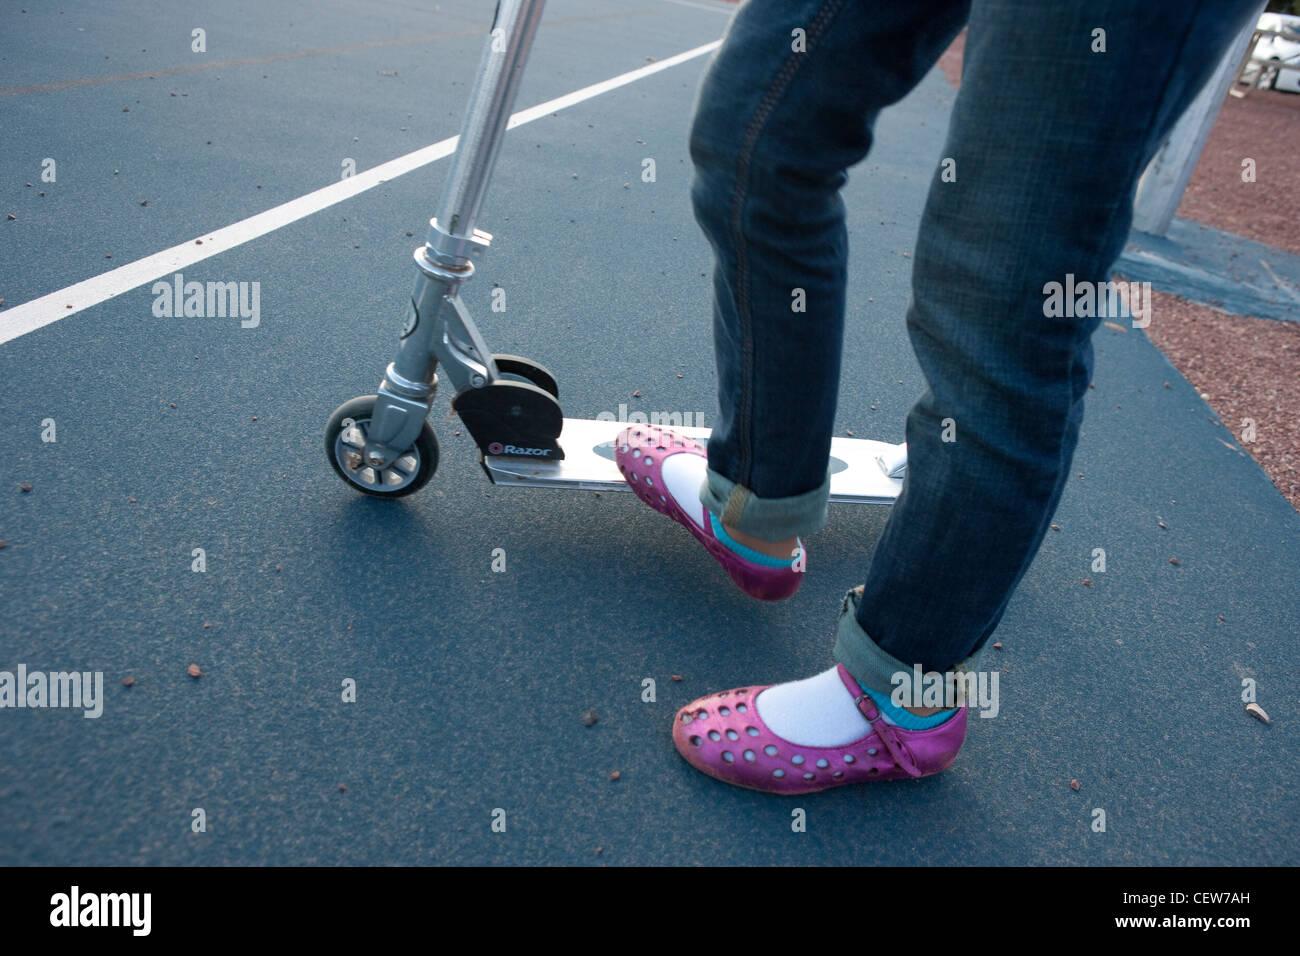 Vestida de rosa sandalias montando un scooter Foto de stock